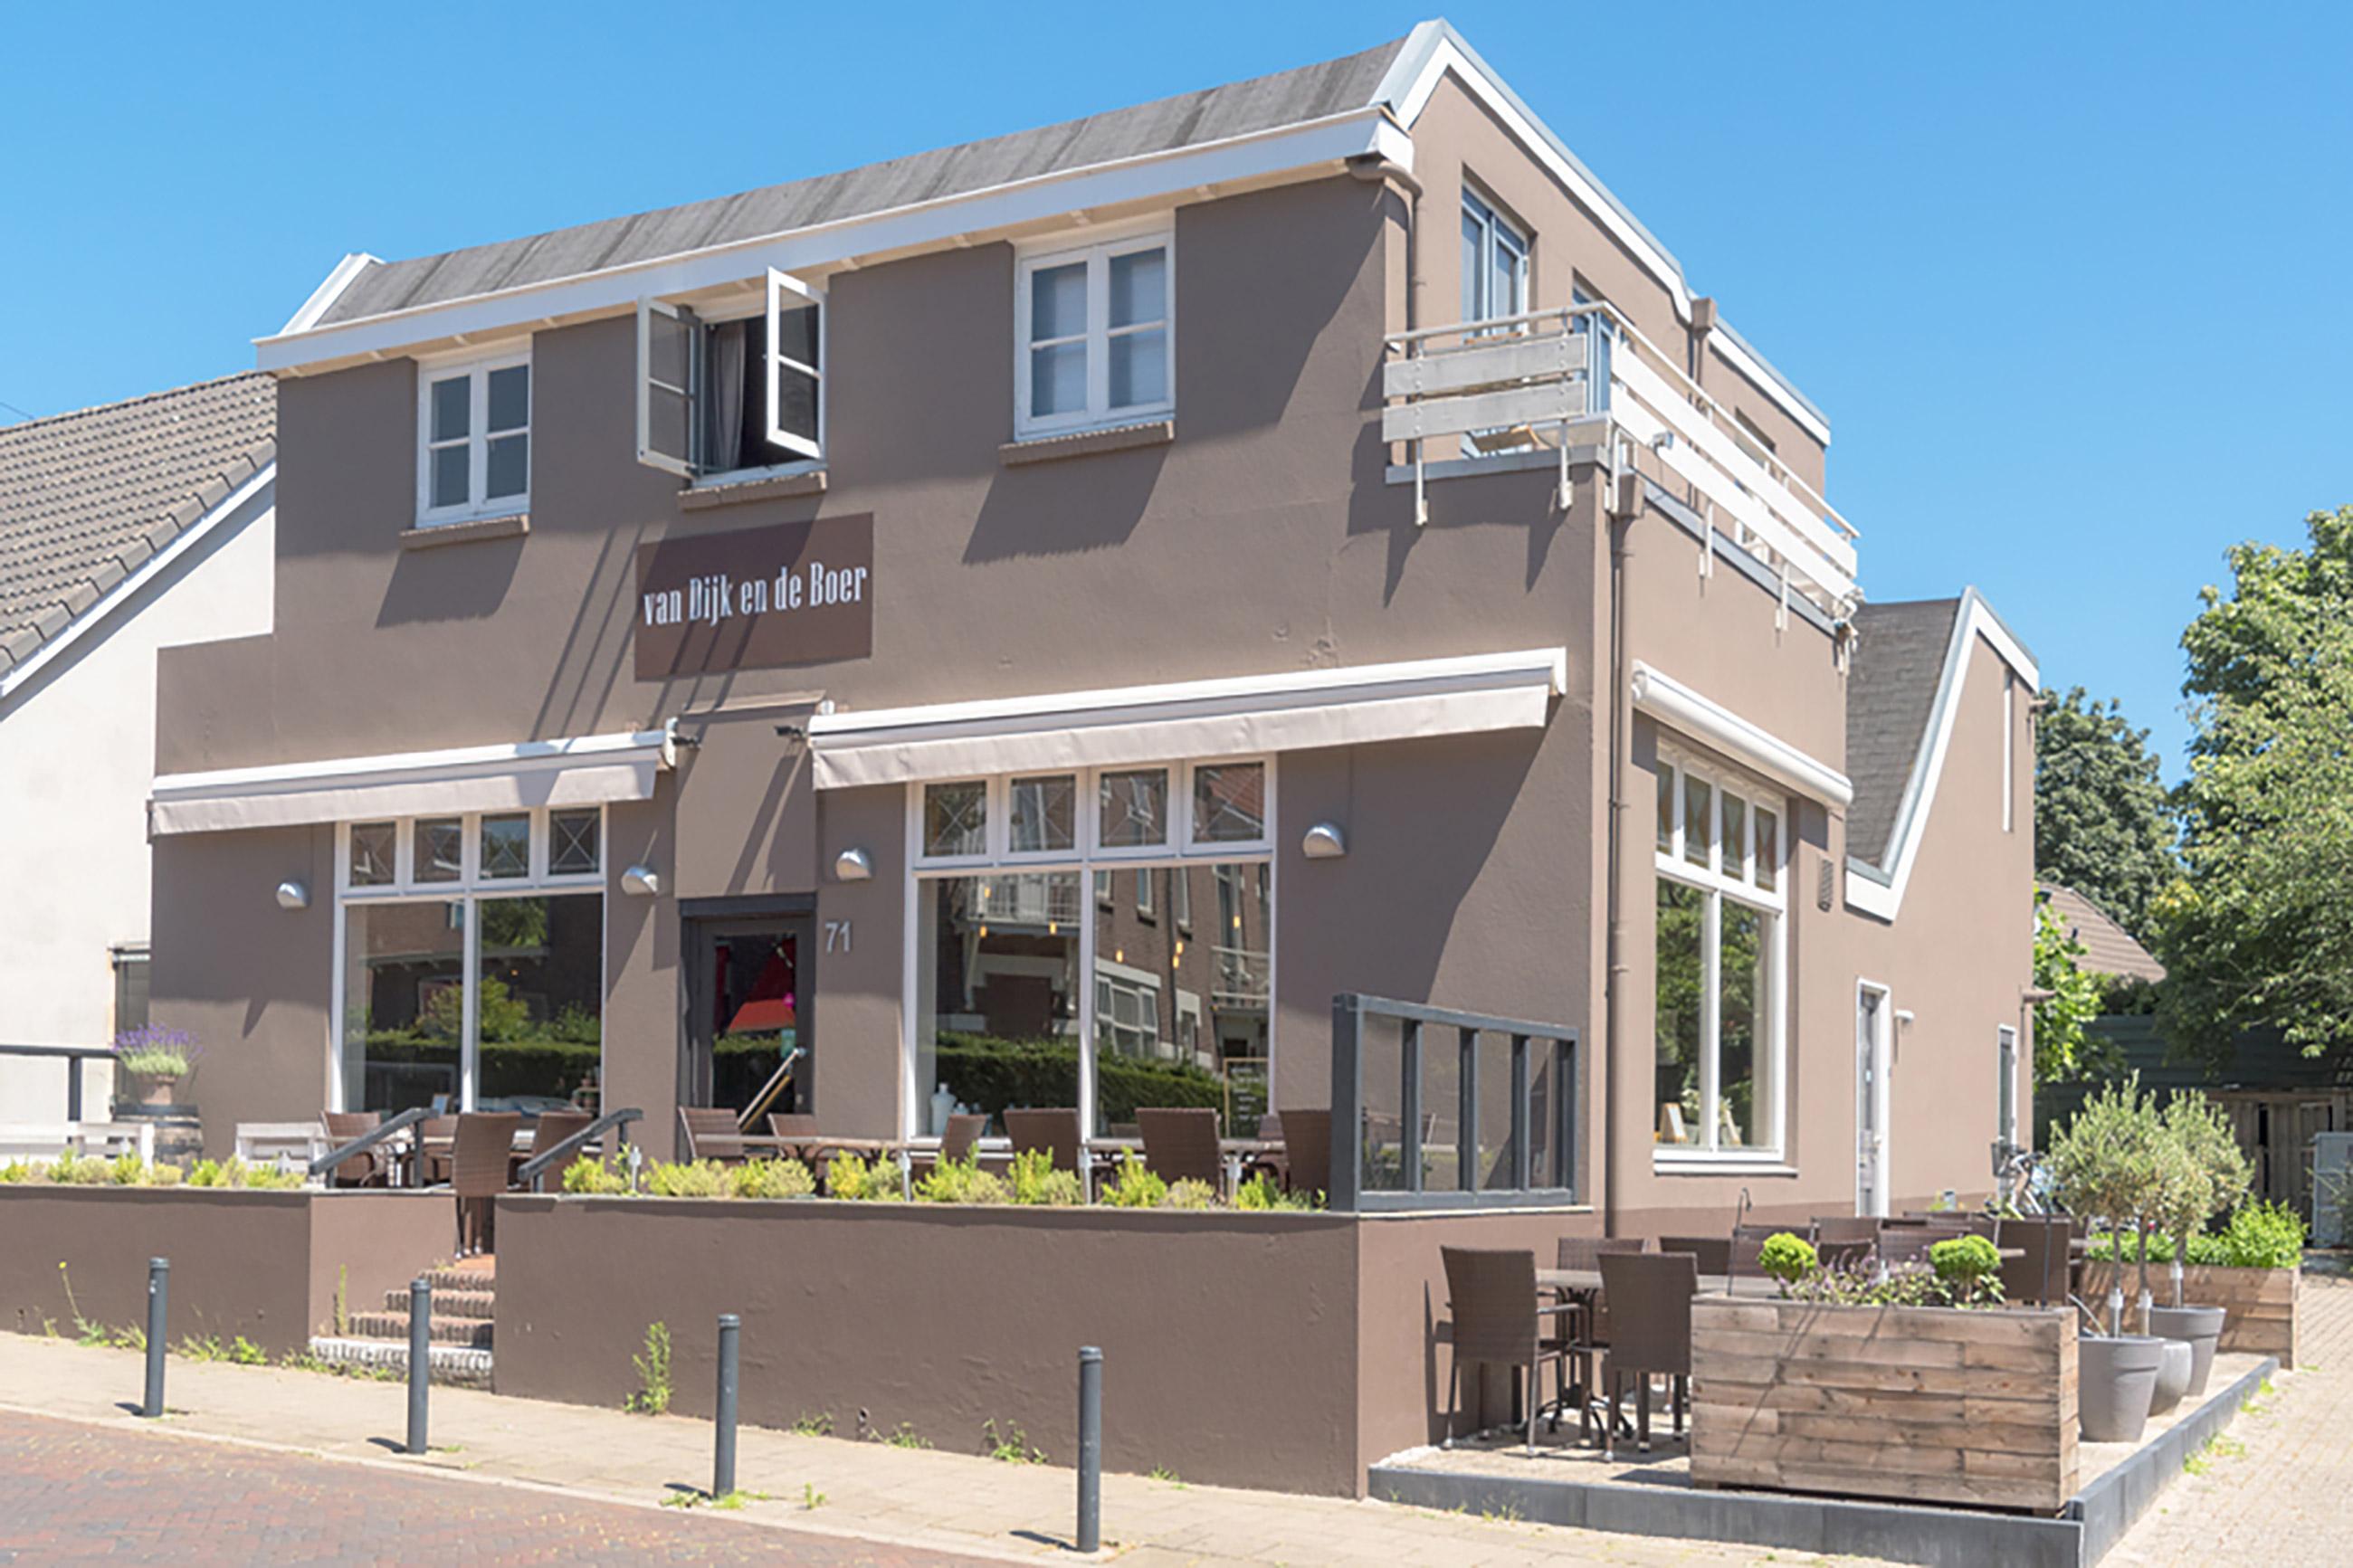 Restaurant van Dijk en de Boer: Bij Restaurant van Dijk en de Boer gaan duurzaamheid en culinair genieten hand in hand